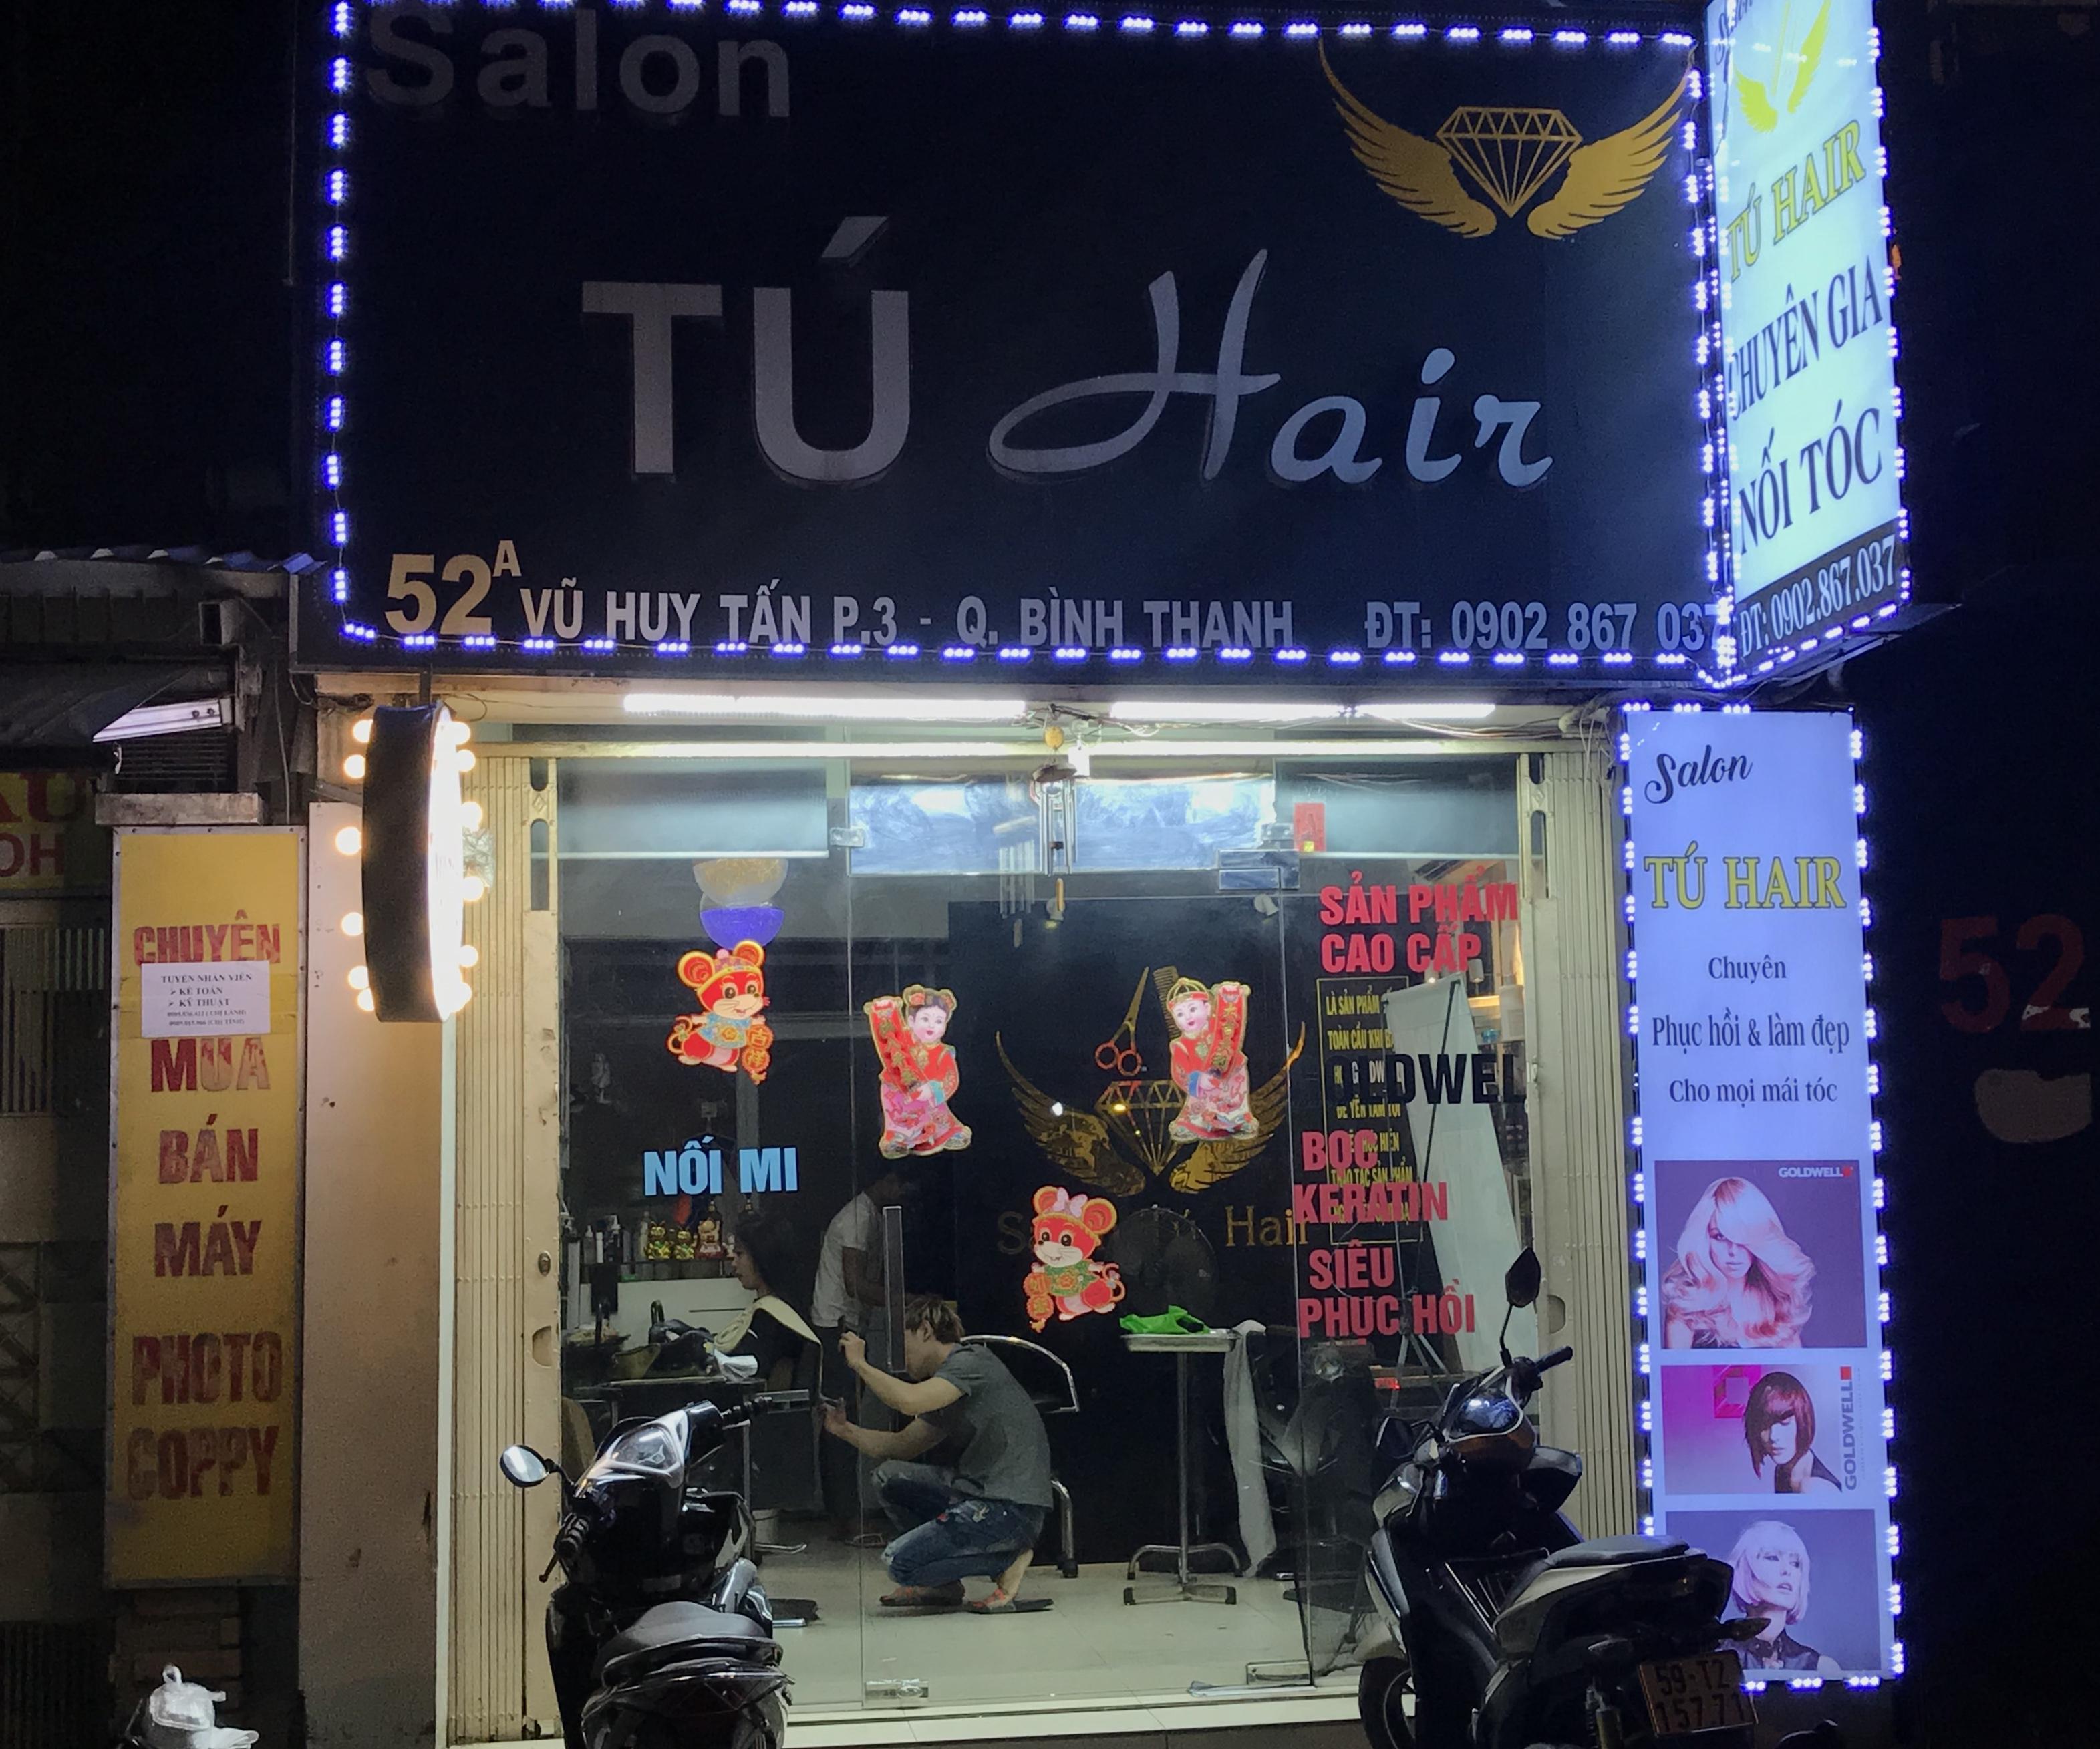 Dịch vụ cắt tóc tại TP HCM có được phép hoạt động lại? - Ảnh 1.